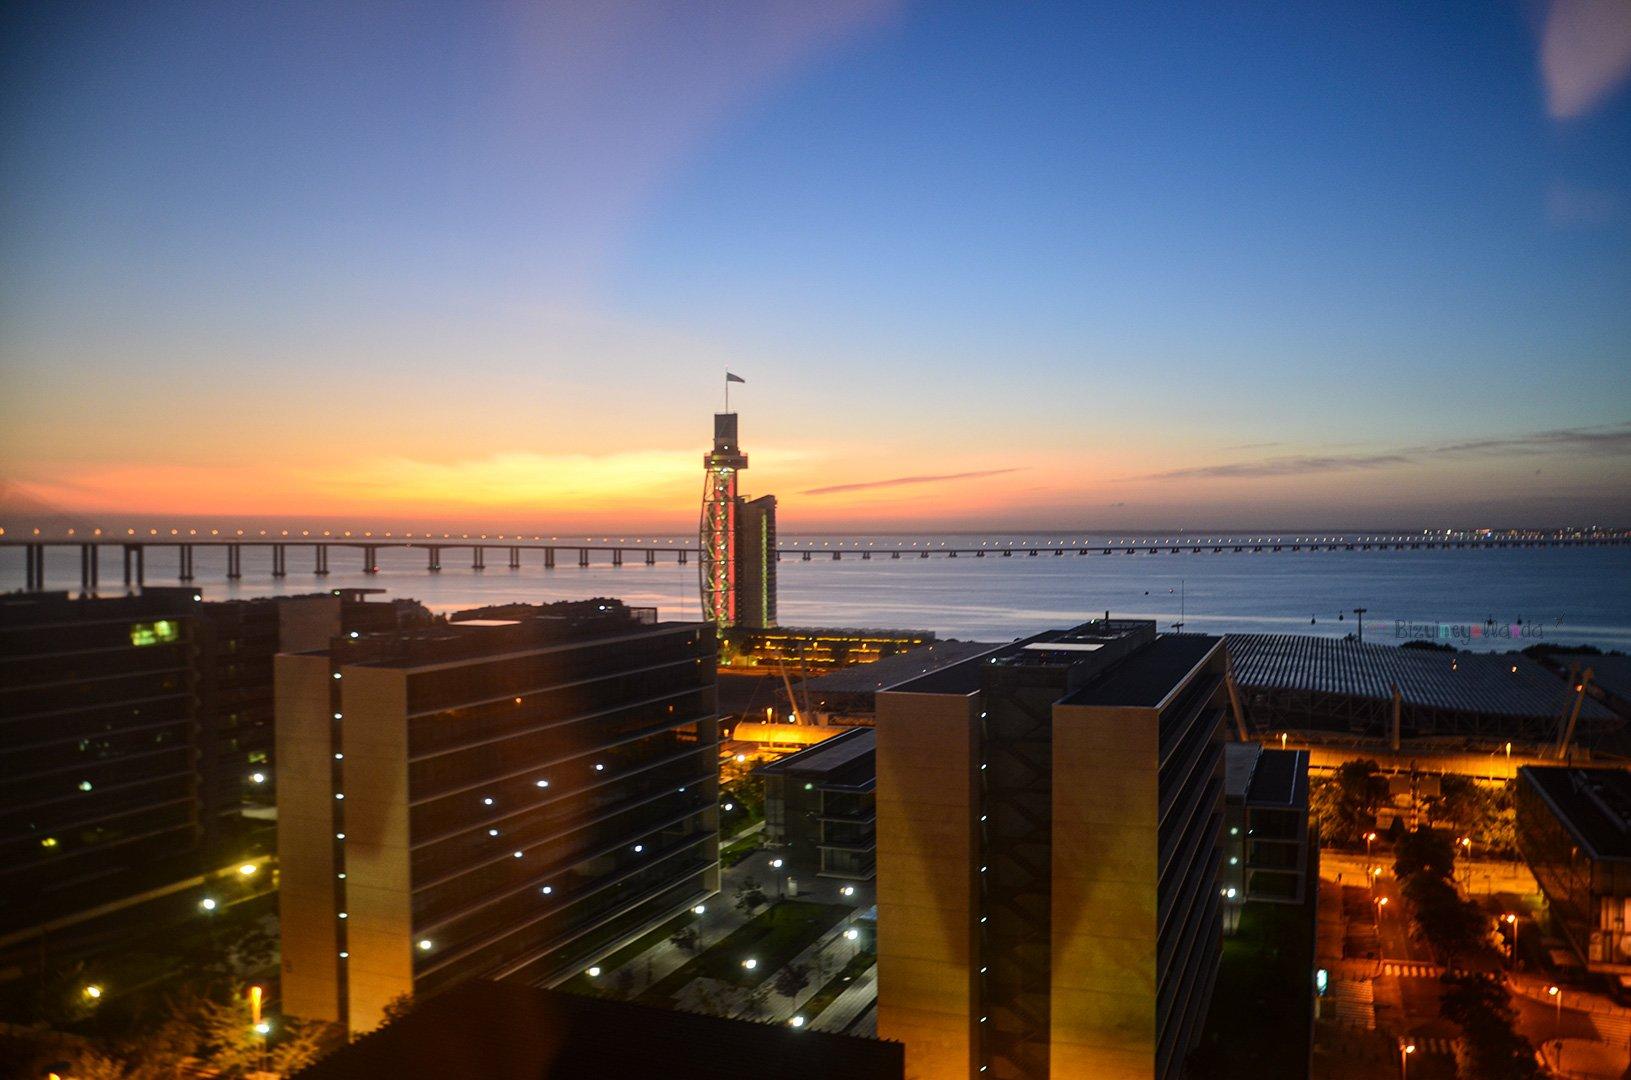 Vasco de Gama köprüsü Lizbon'un ikinci ancak Salazar köprüsünle oranla daha uzun köprüsüdür.